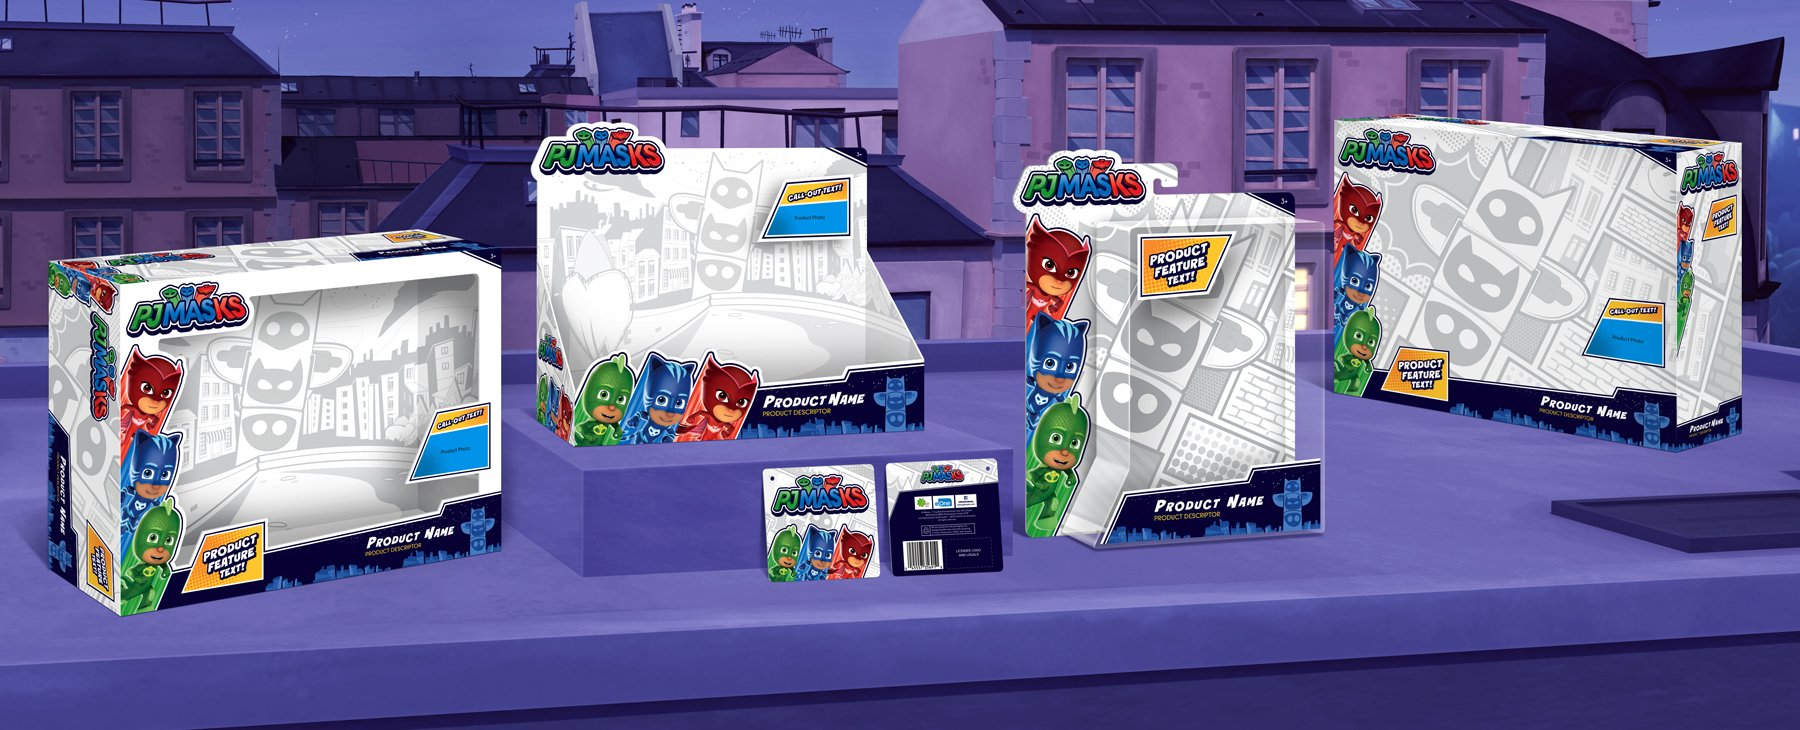 PJ Masks Packaging Design - Rooftop